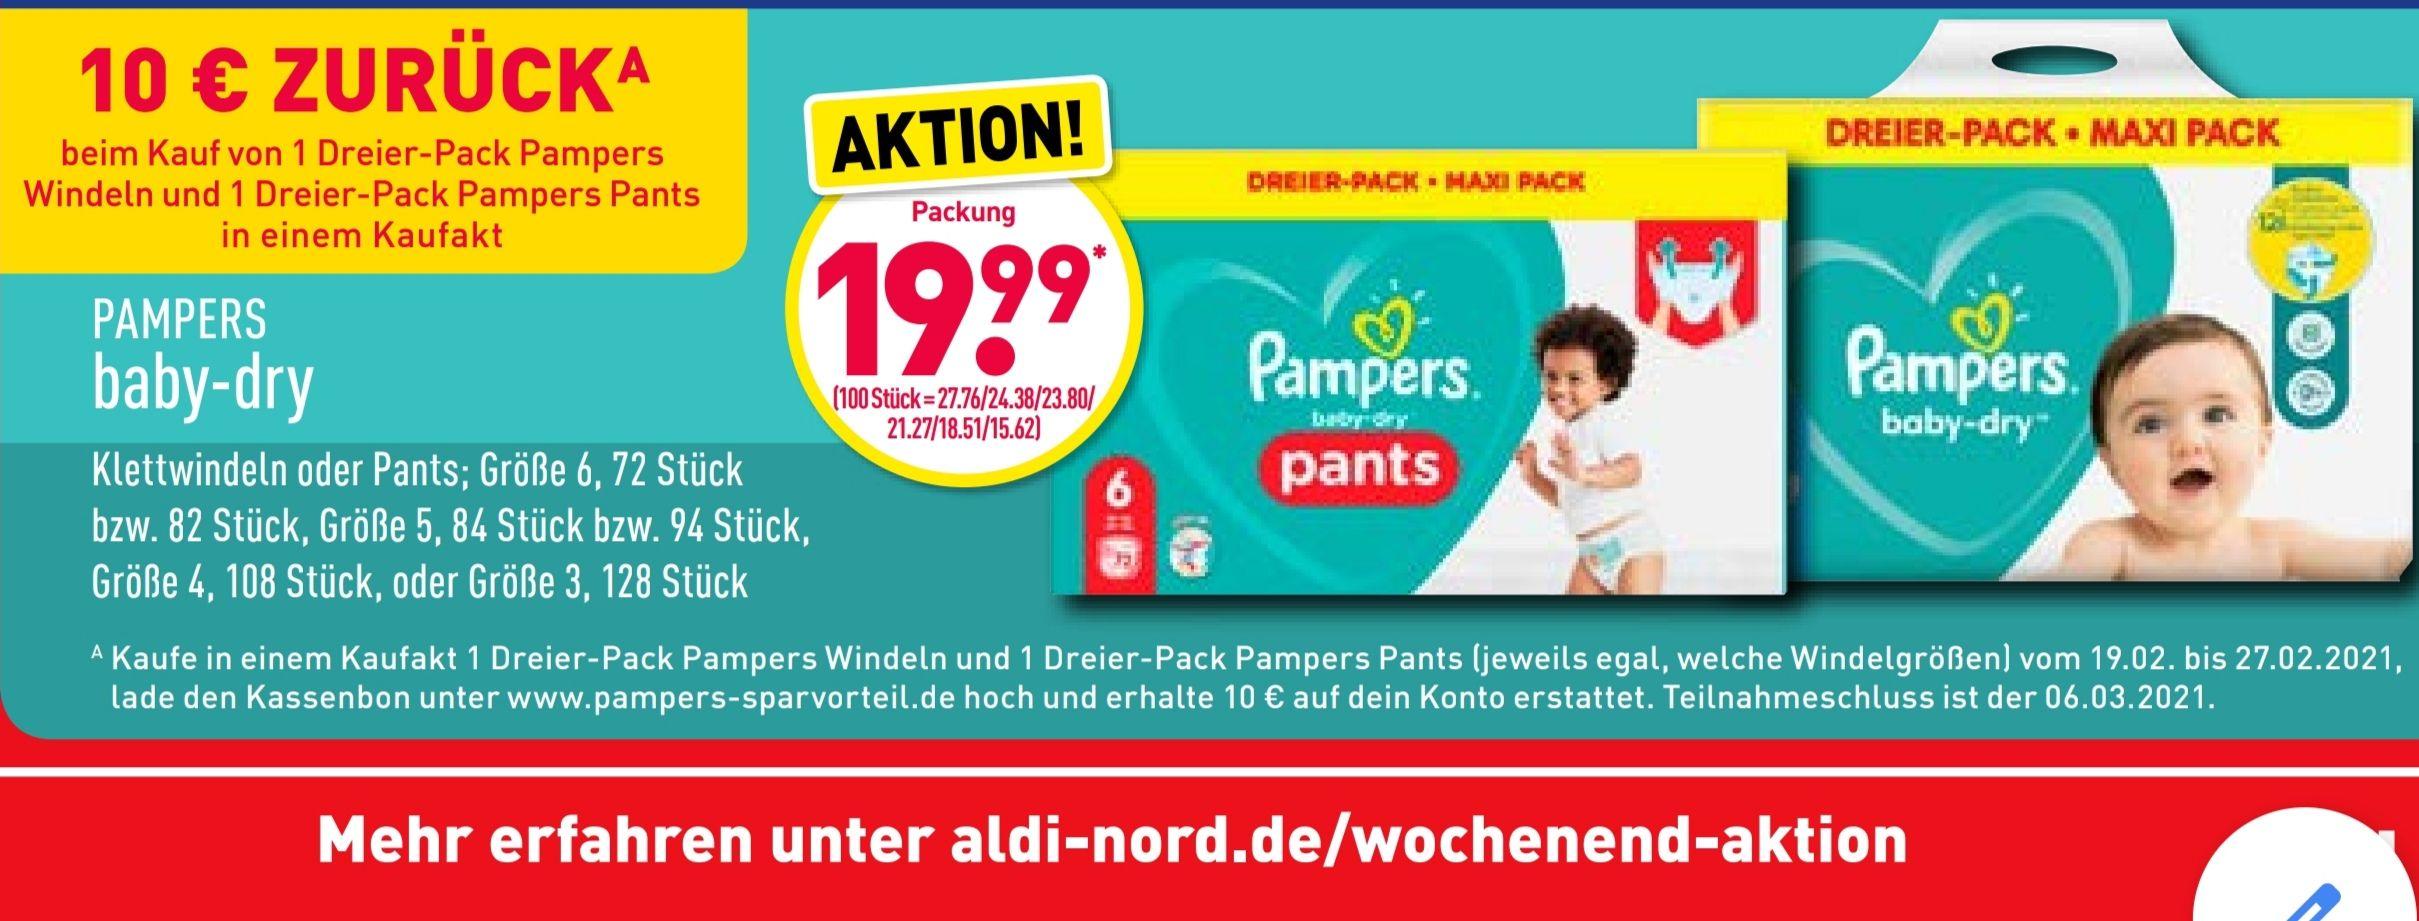 [GzG] Aldi Nord & Süd 10 Euro auf pampers Baby Dry UND pants